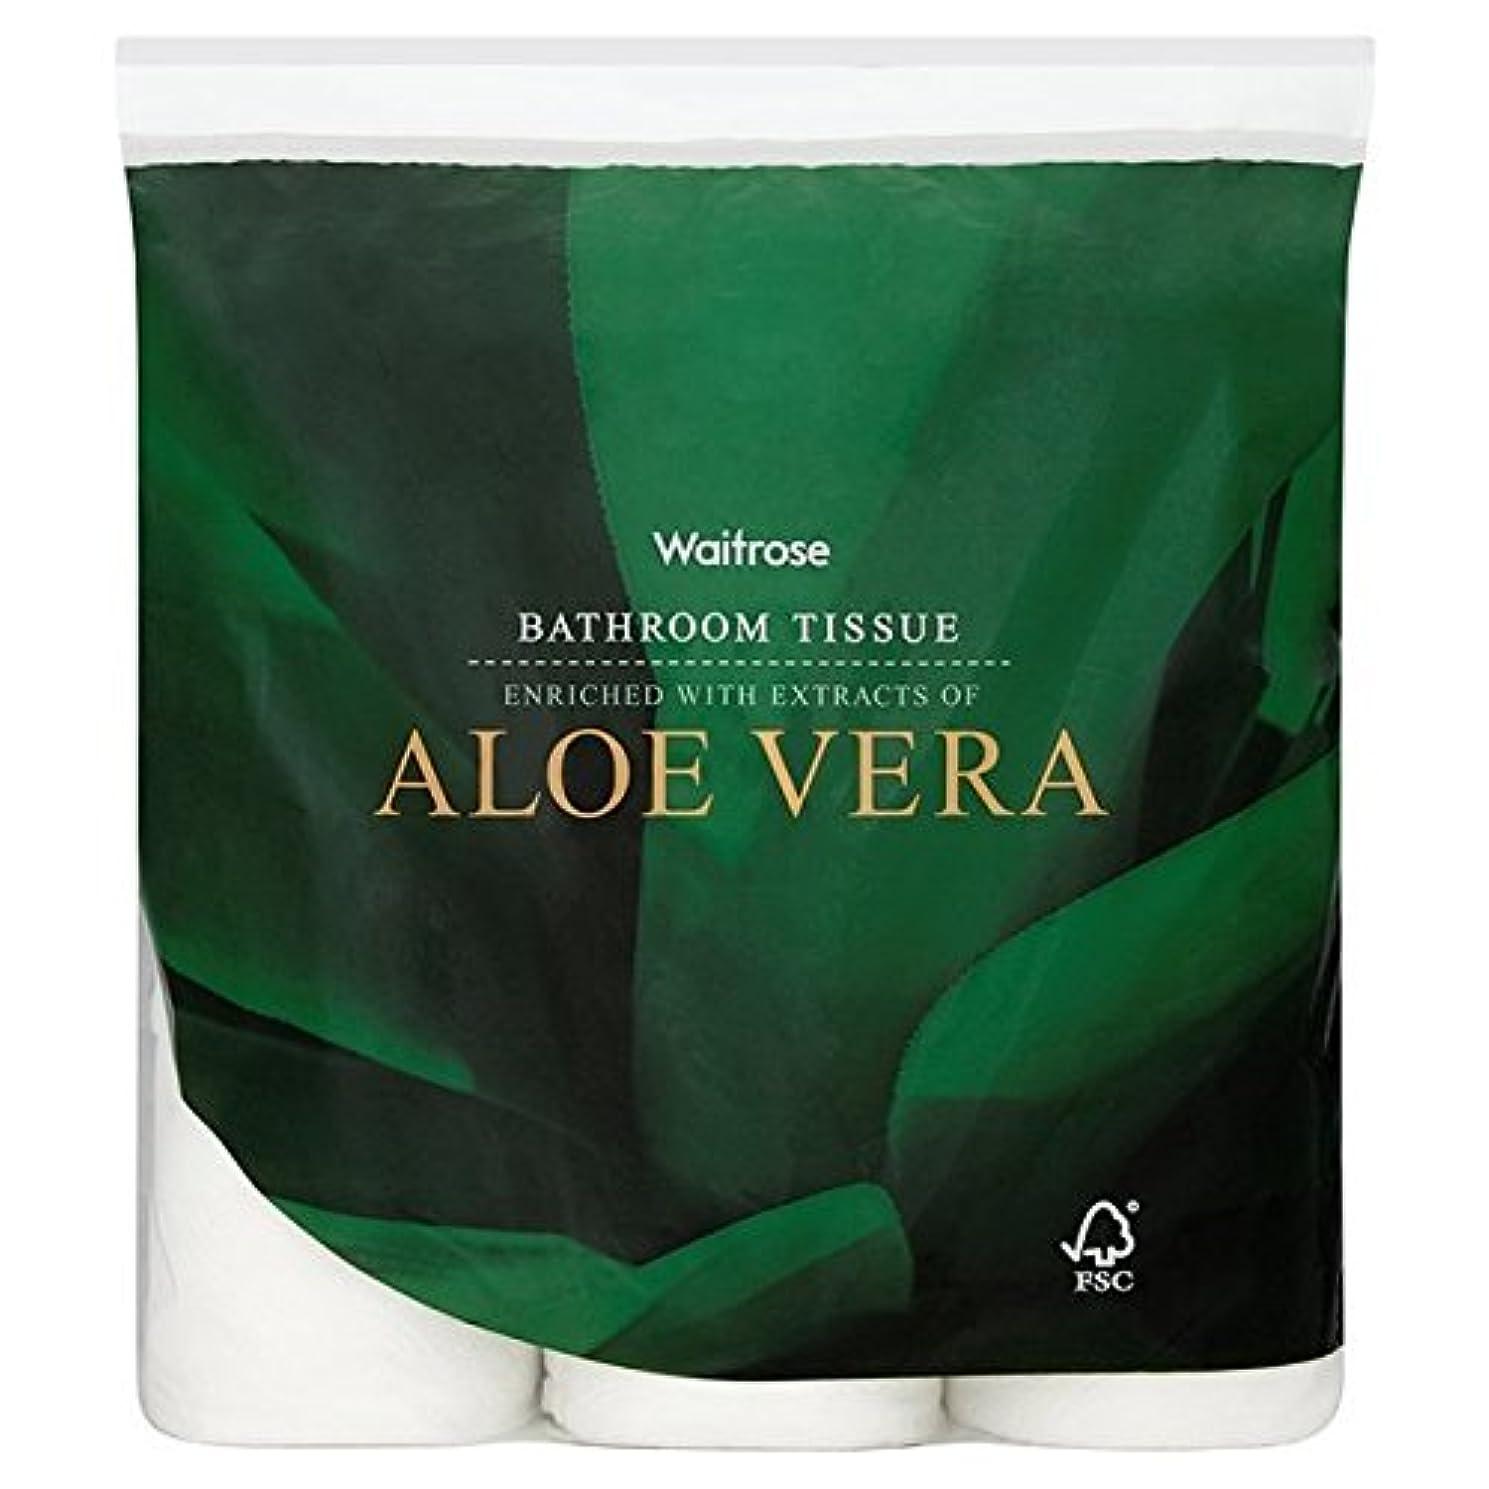 飼いならすシニス車パックあたりアロエベラ浴室組織白ウェイトローズ9 x2 - Aloe Vera Bathroom Tissue White Waitrose 9 per pack (Pack of 2) [並行輸入品]